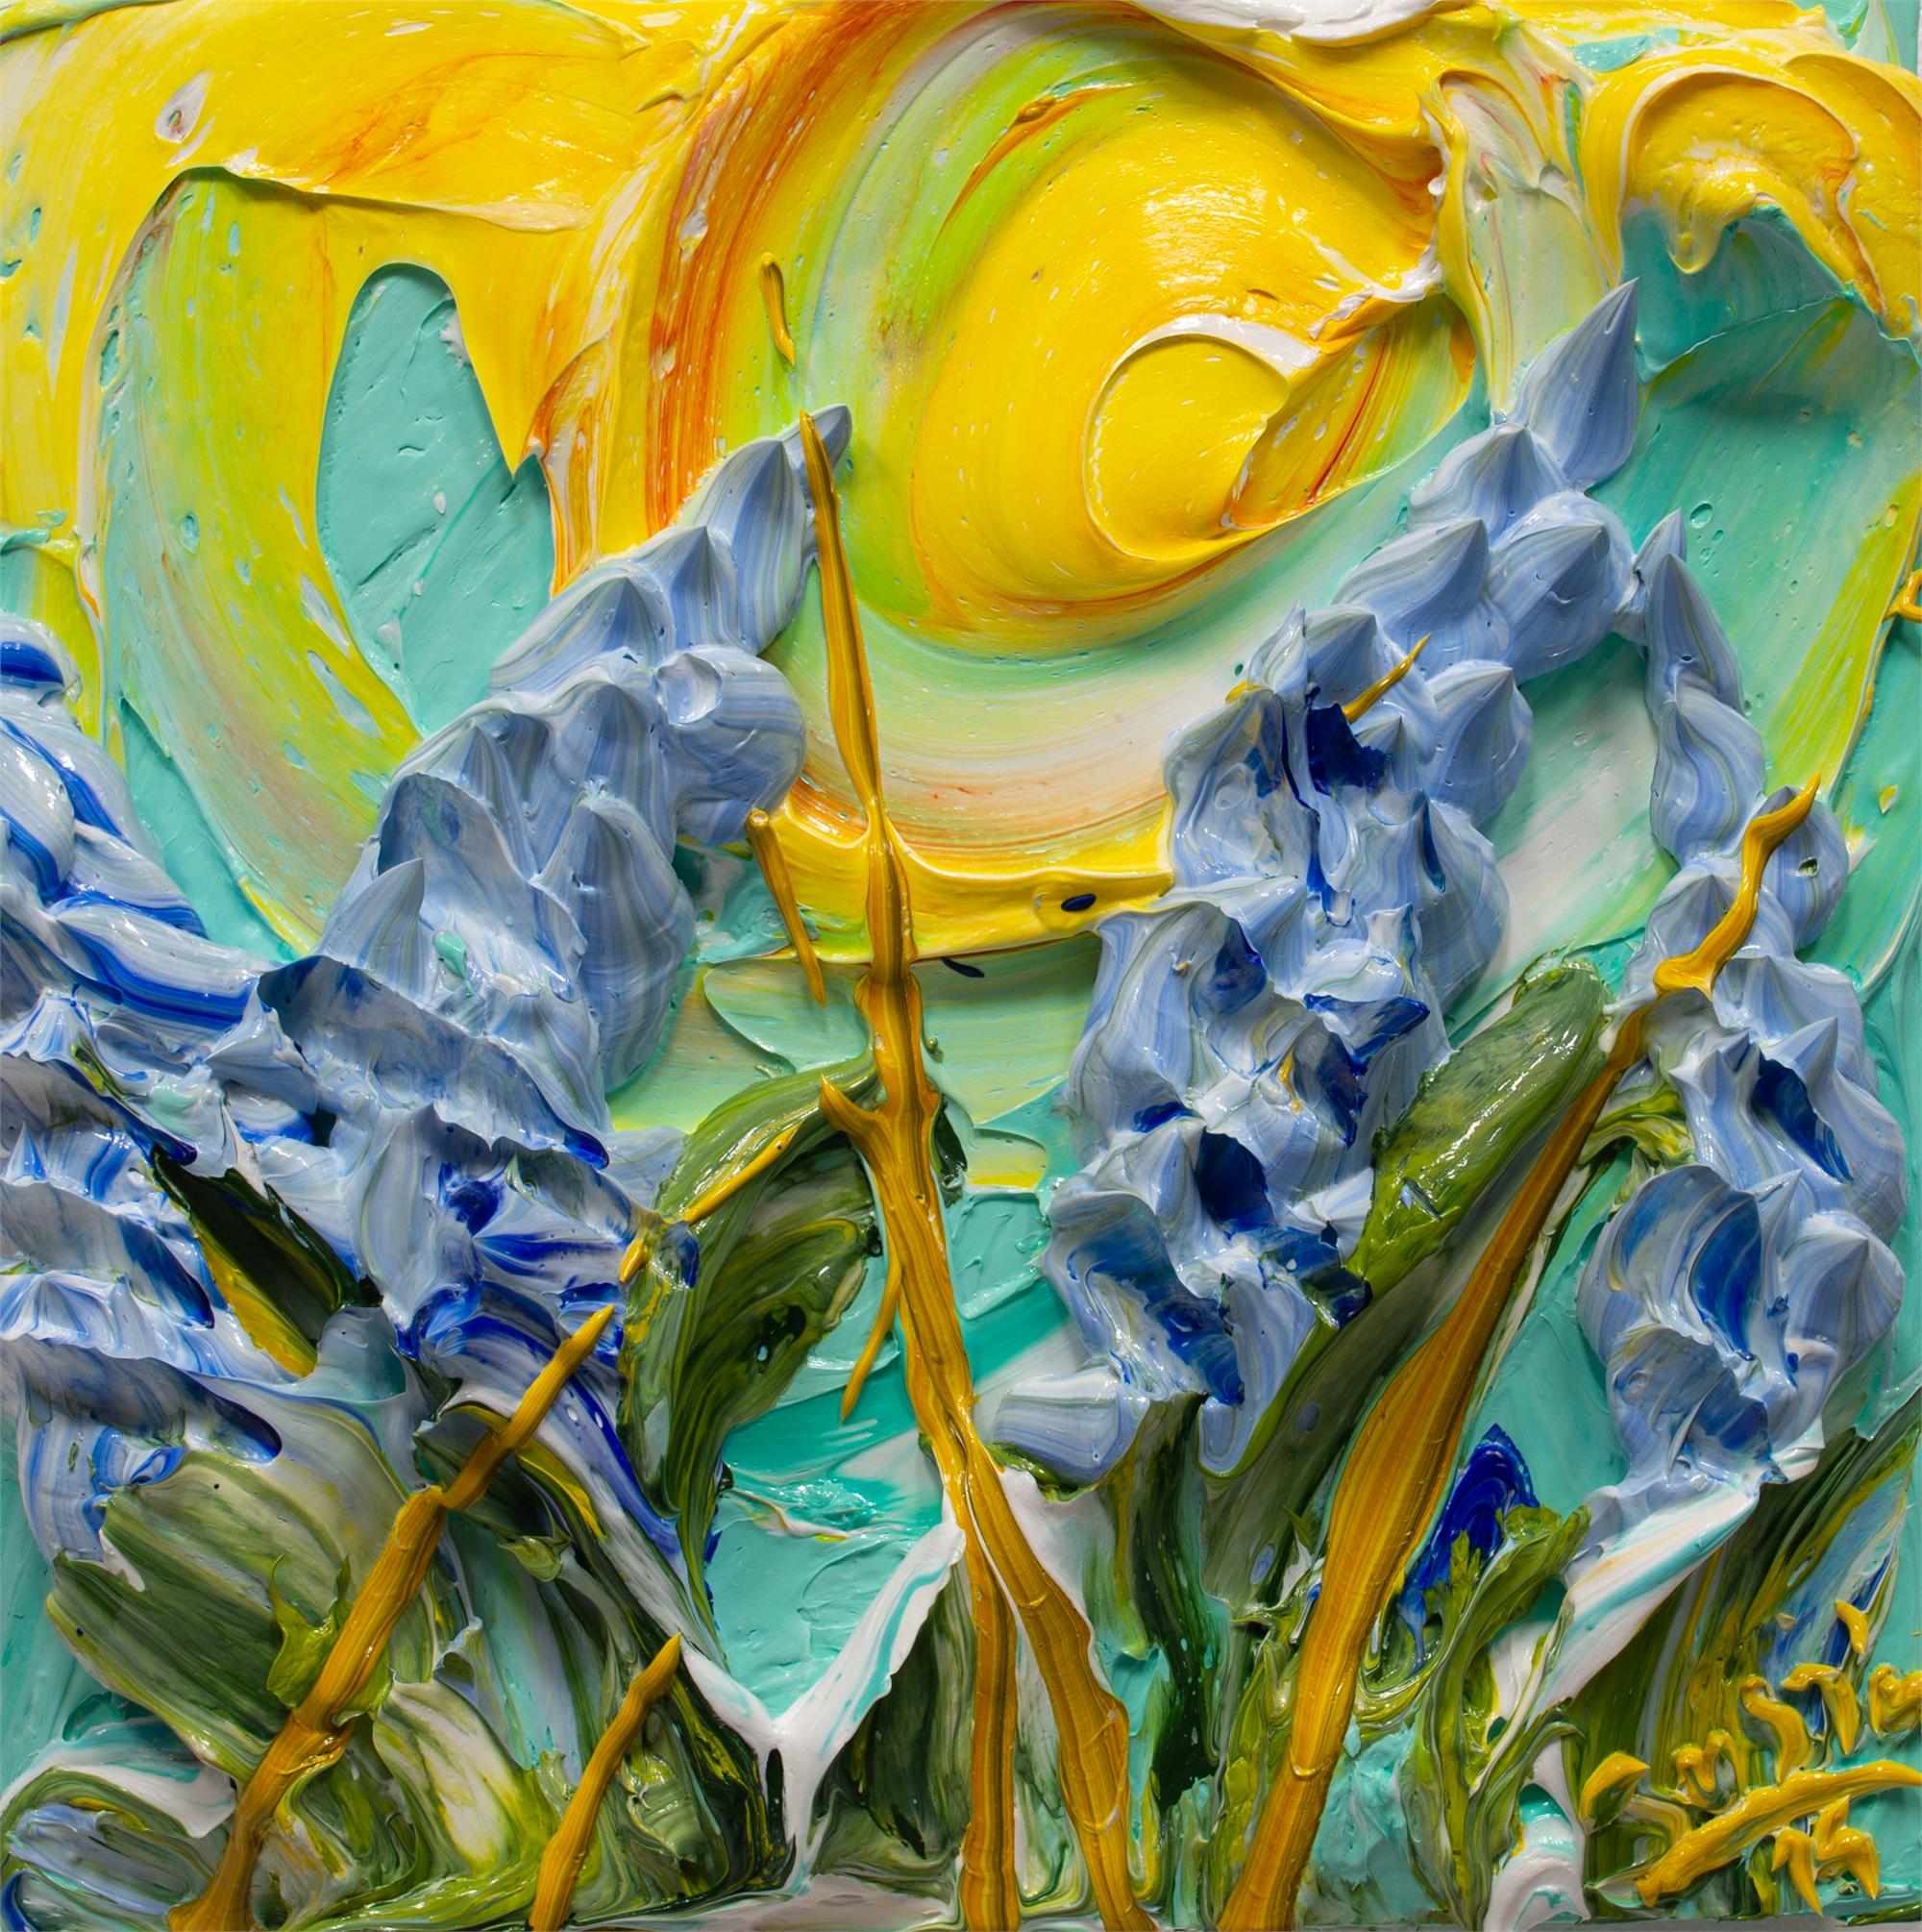 BLUEBONNET FLOWERS-BF-12X12-2019-197 by JUSTIN GAFFREY